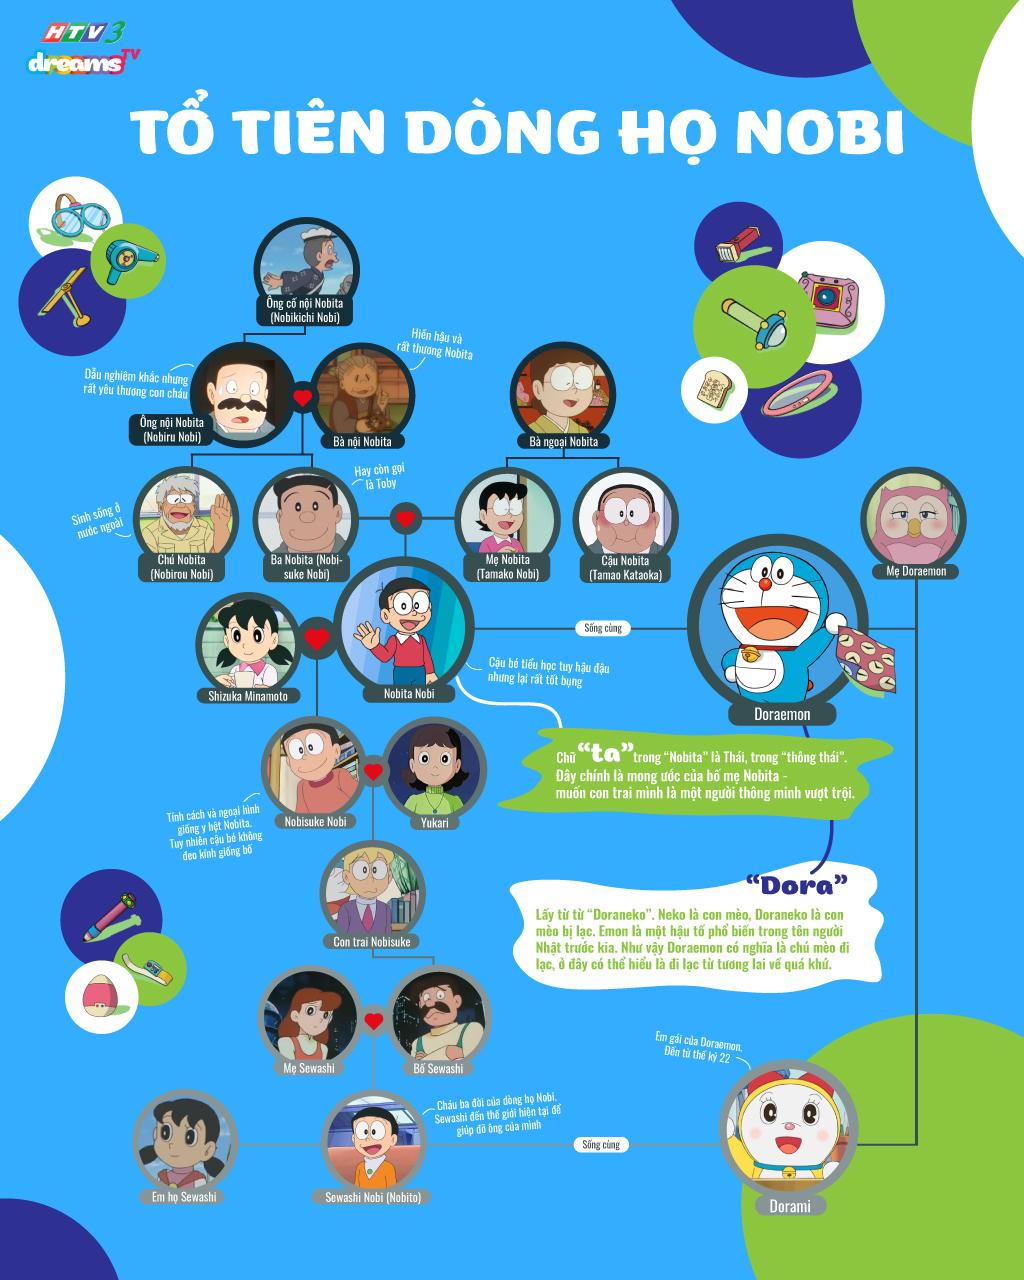 Dòng họ Nobi - Gia đình Nobita